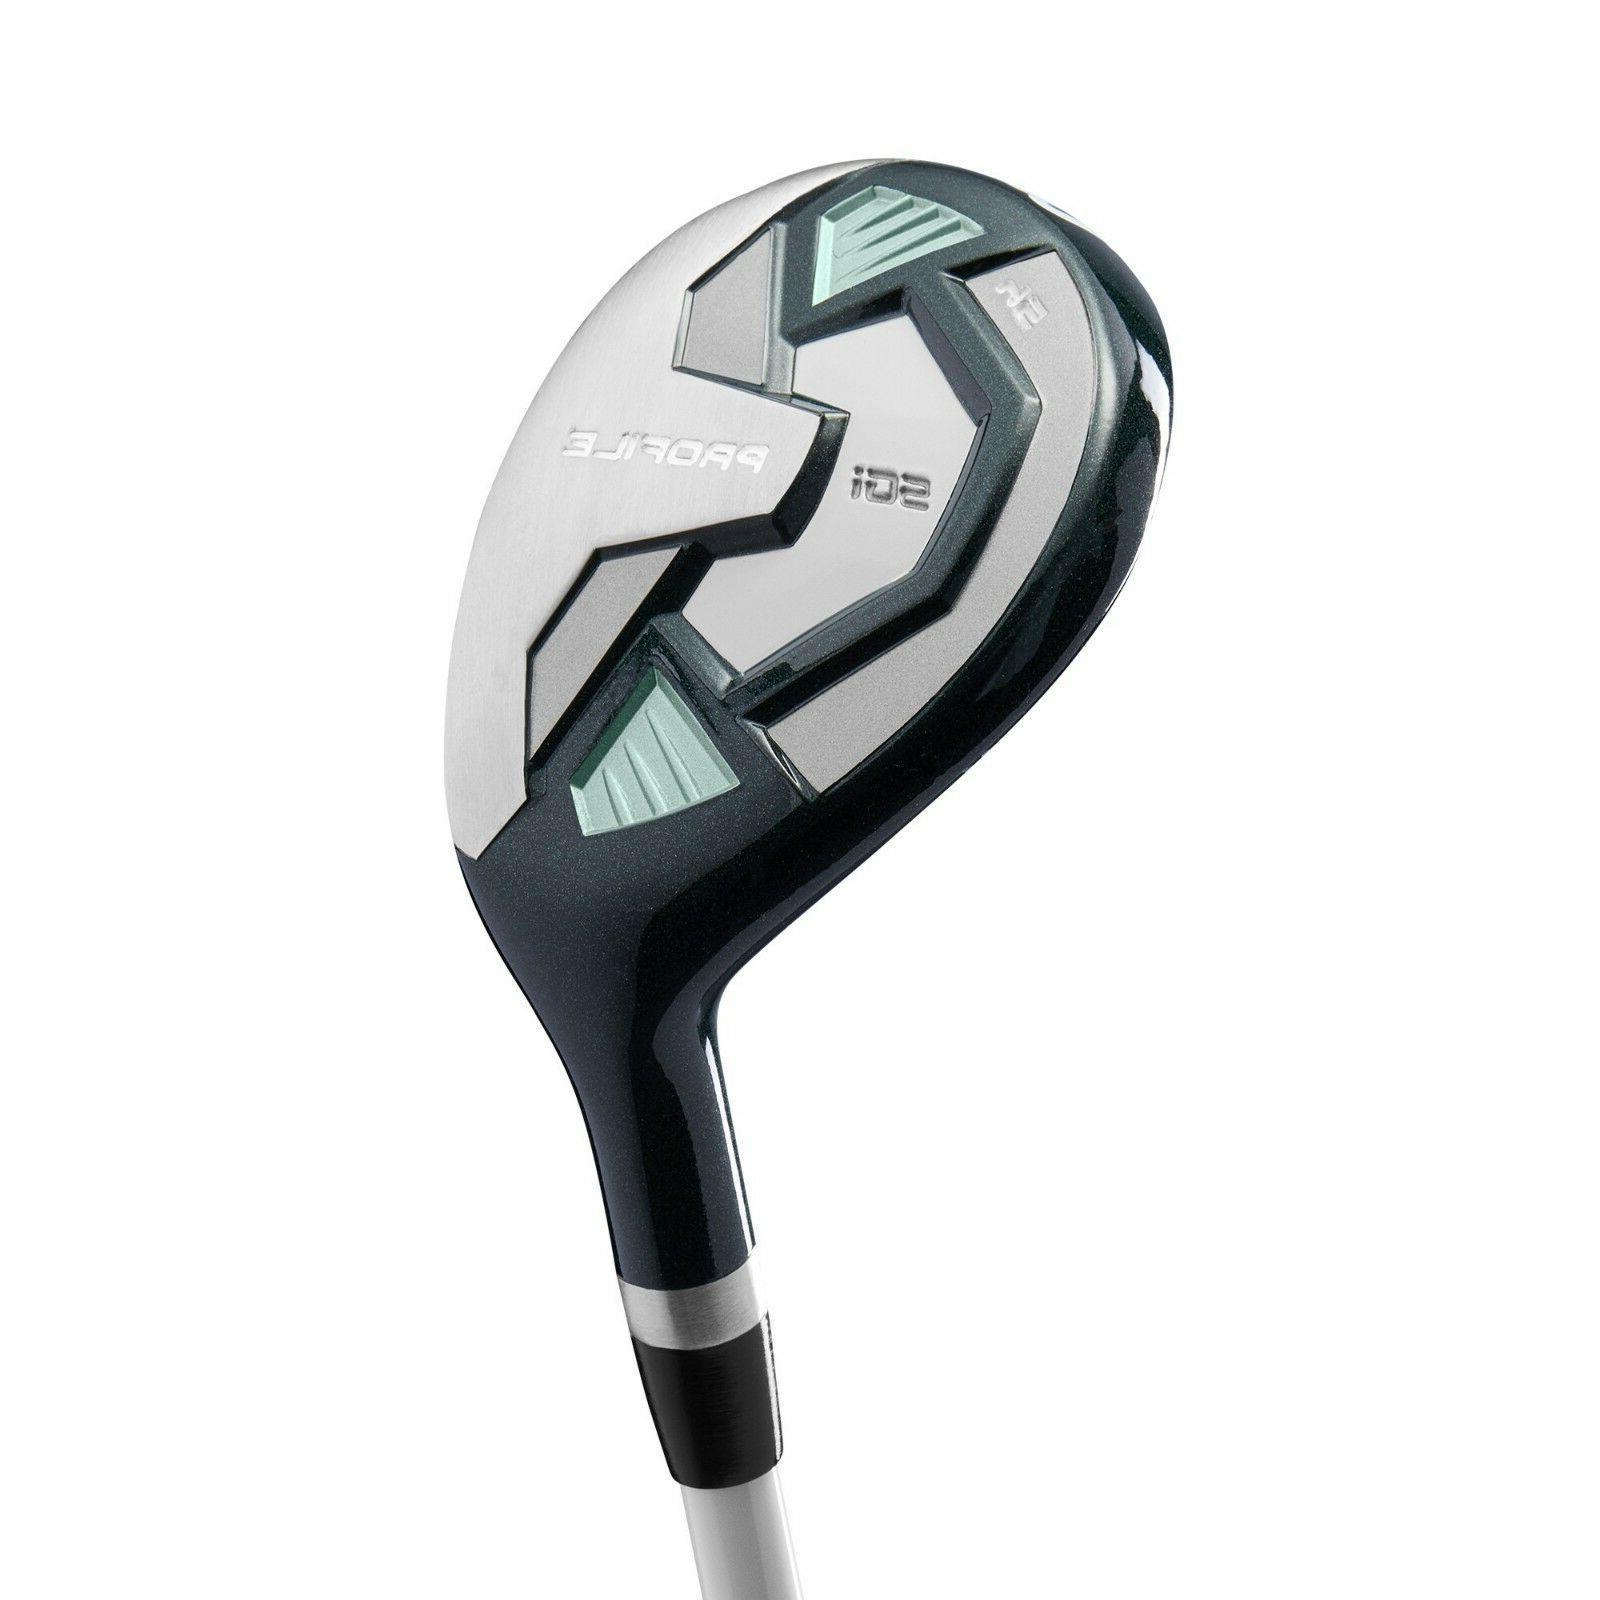 Wilson Golf - Women's SGI Golf Set 2019